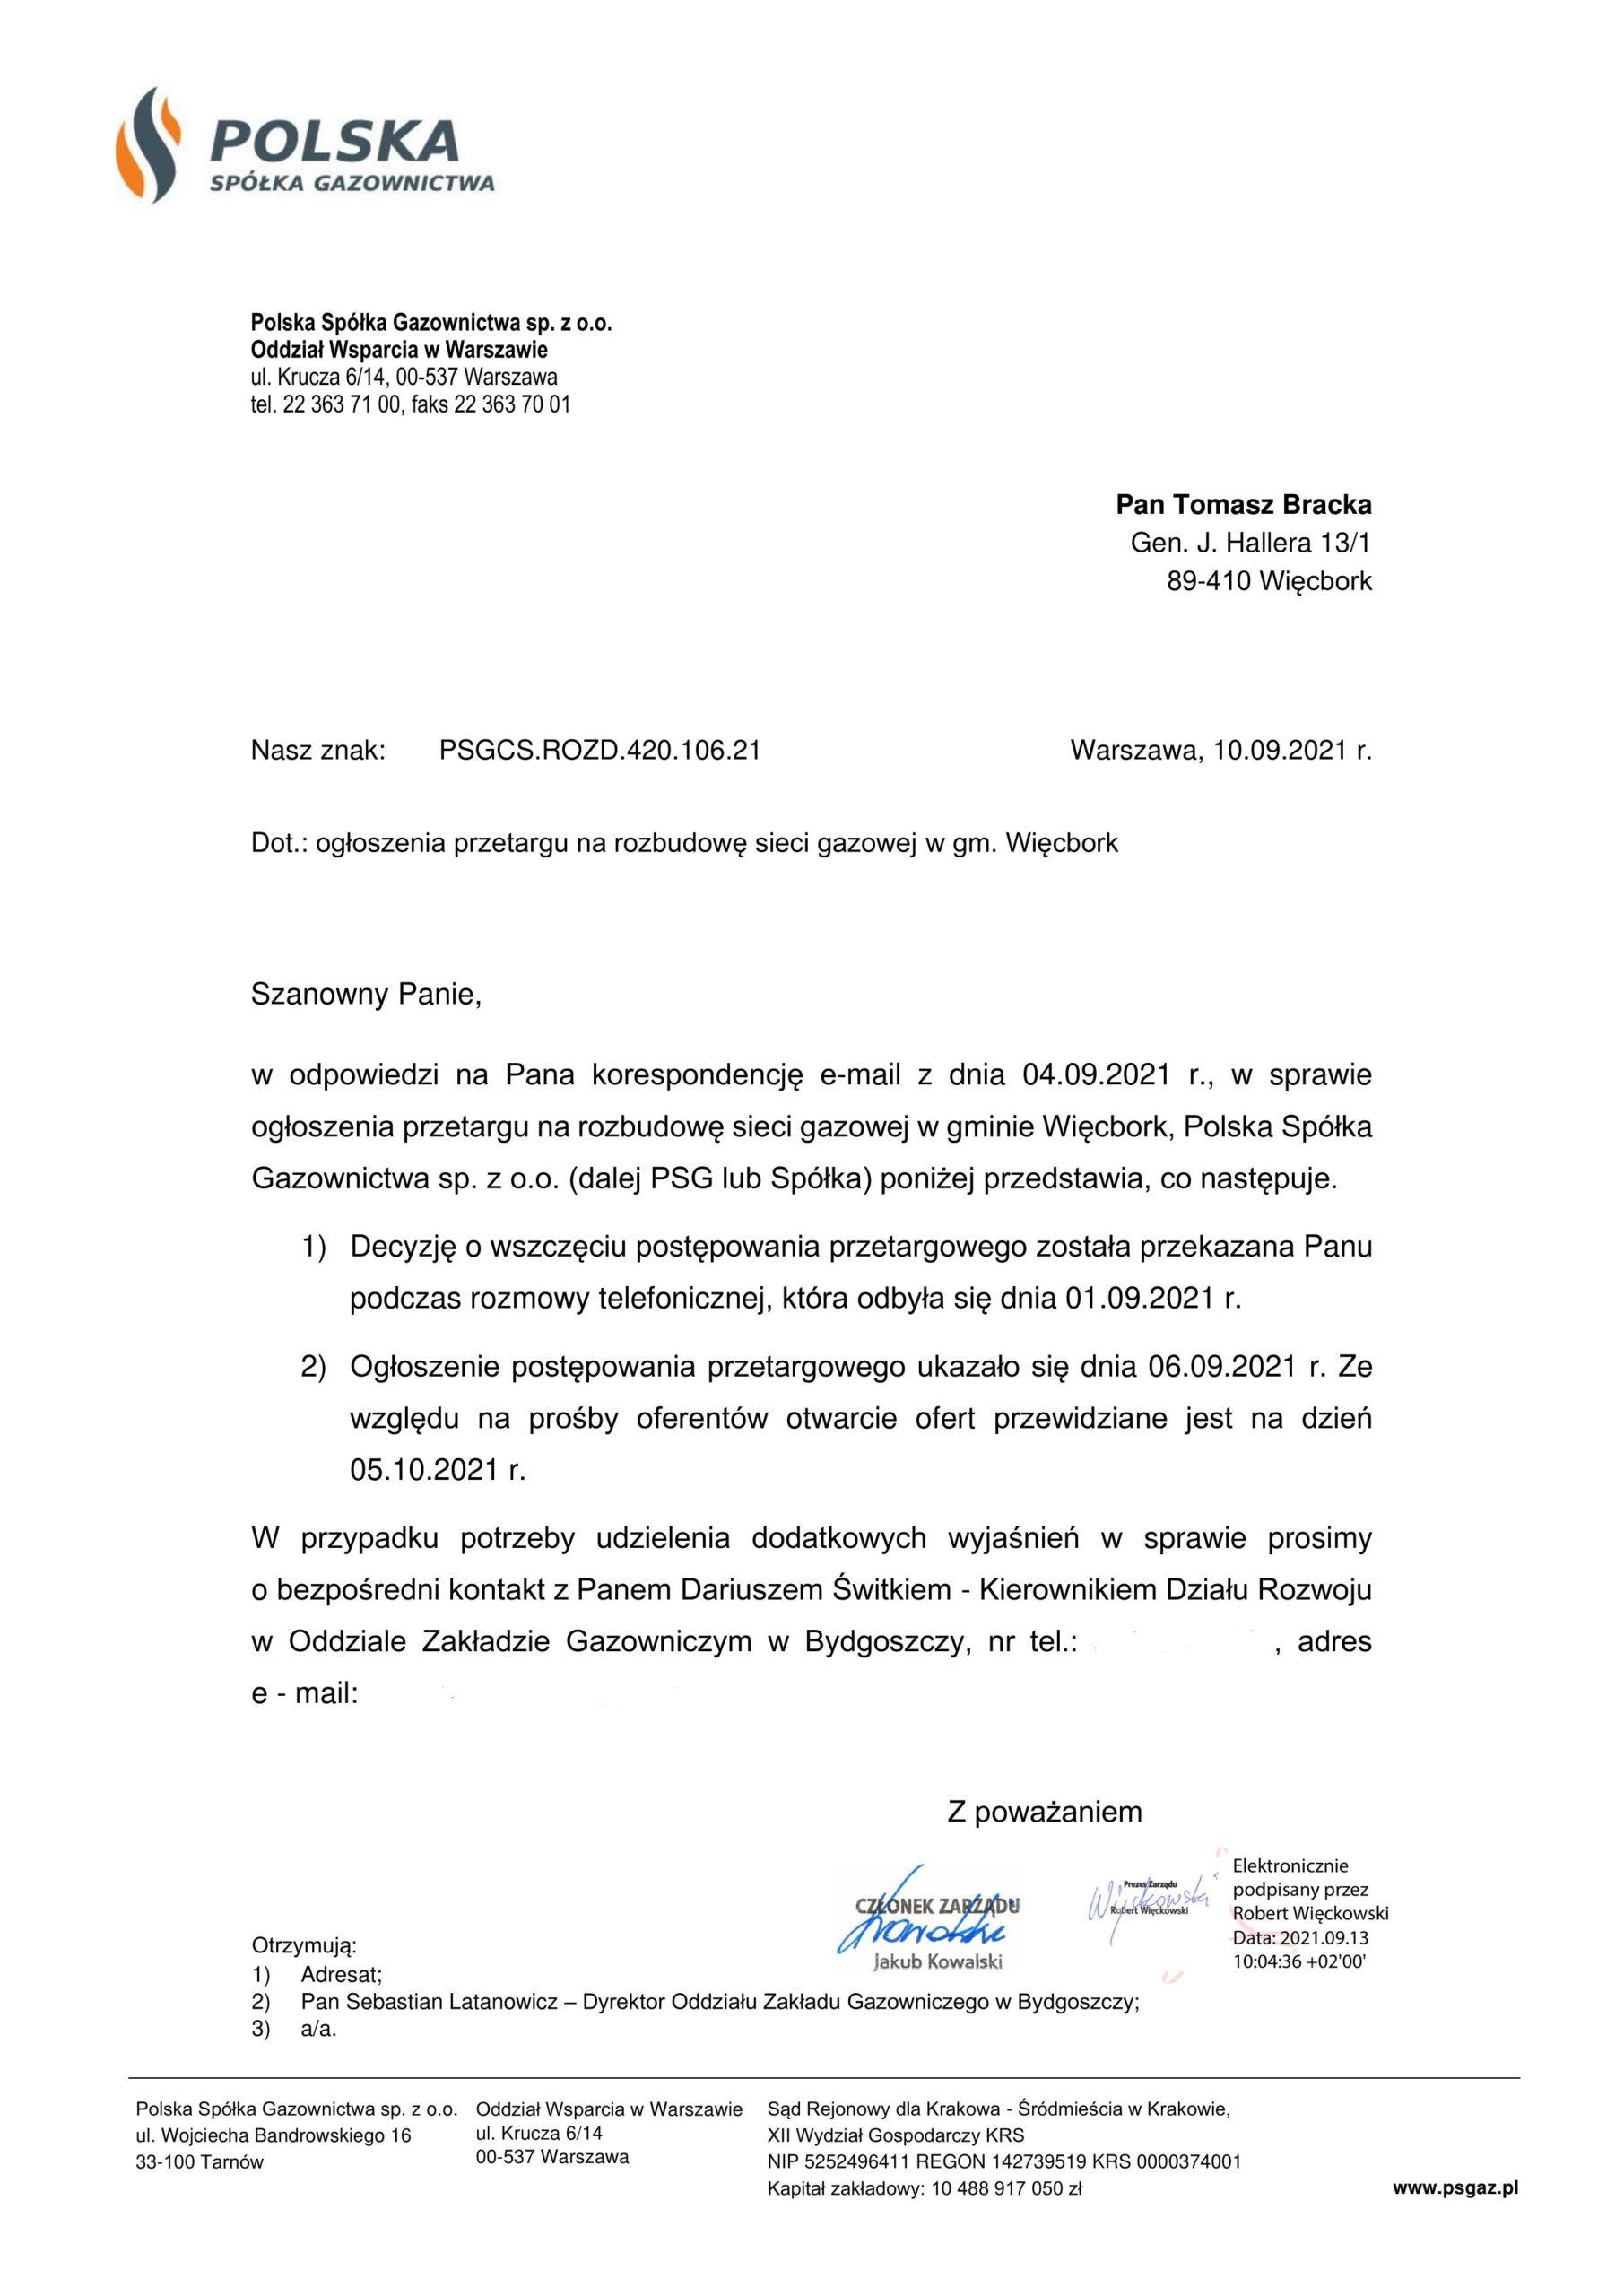 Wywalczona przeze mnie gazyfikacja ziemna na18 kilometrach ulic Więcborka zbudową stacji redystrybucji gazu ziemnego wWięcborku przy ul.Wyzwolenia od6 września do5 października 2021 r. naprzetargu wPolskiej Spółce Gazownictwa,co potwierdza mi wzałączonym piśmie Zarząd PSG Warszawie